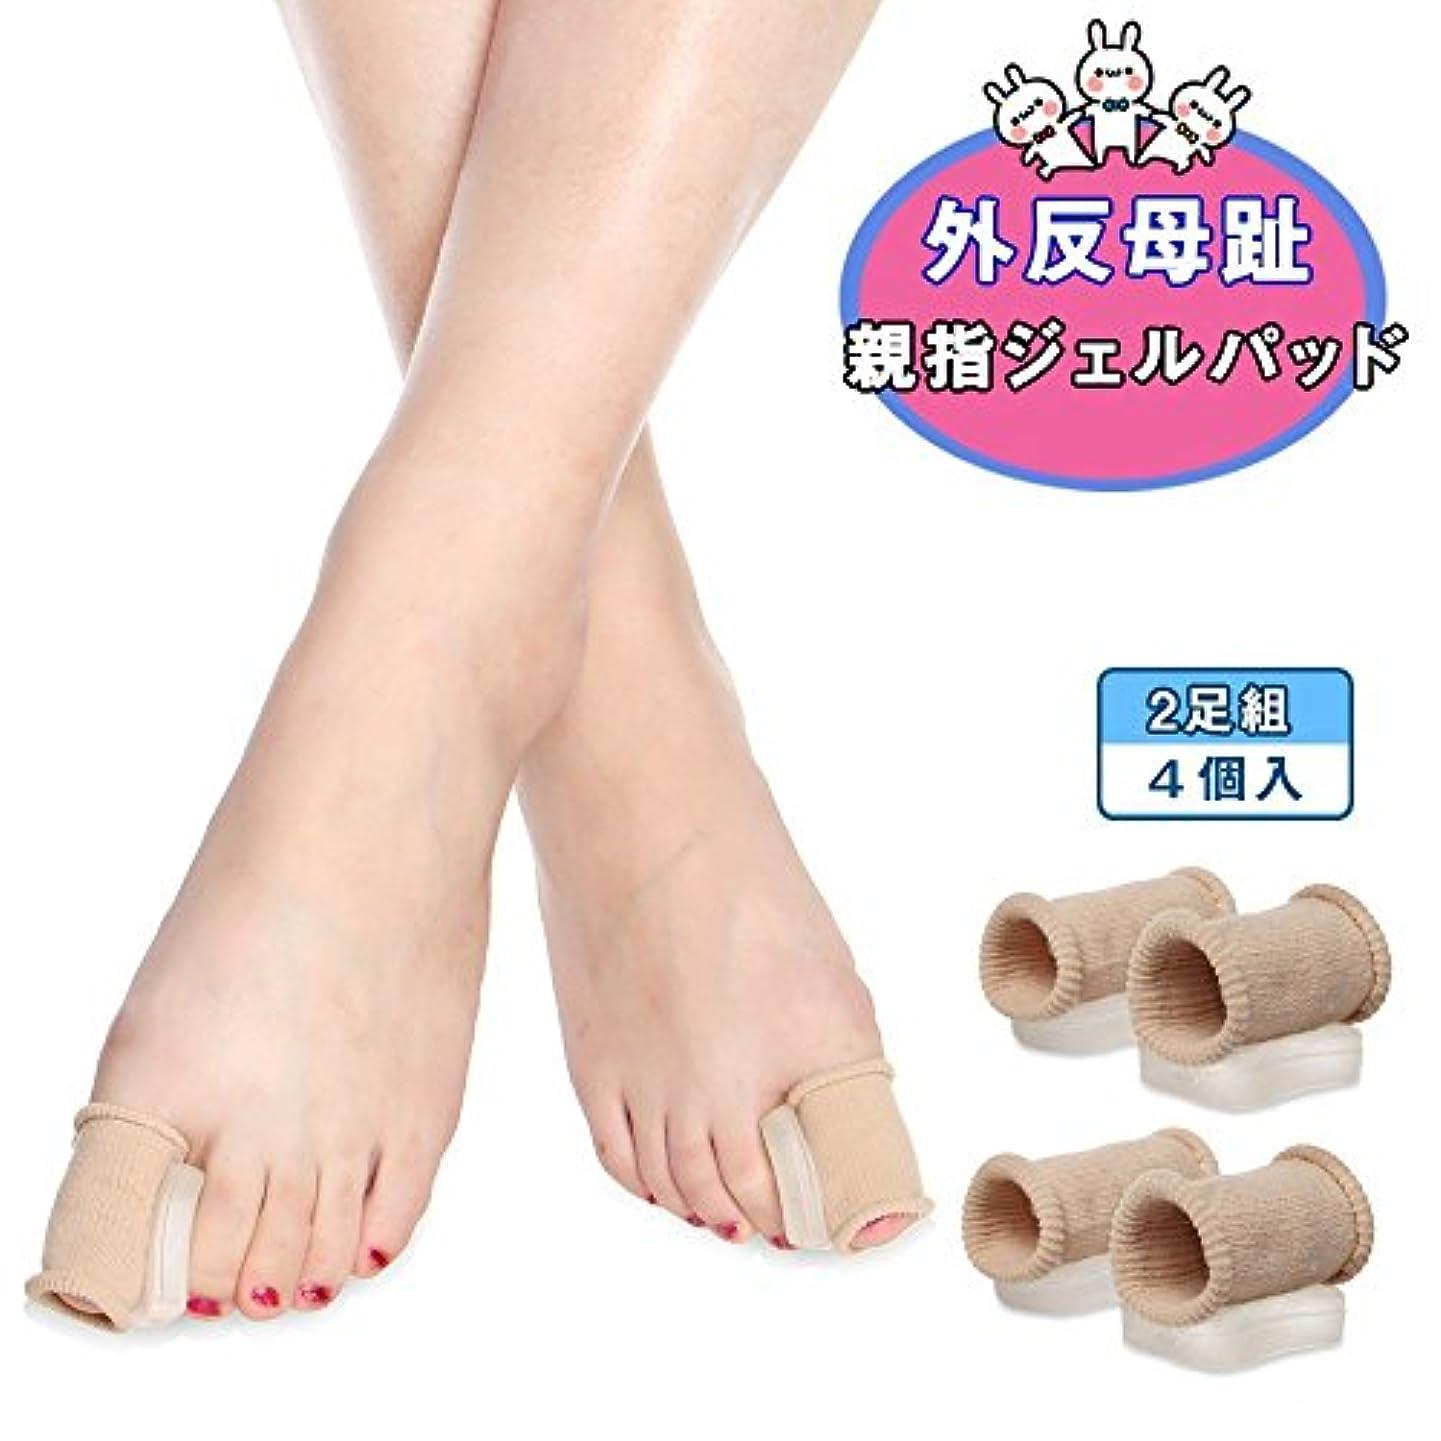 豊富に印象トリムLucktao 親指ジェルパッド, 外反母趾サポーター 指間ジェルパッド つま先矯正 足用保護パッド 足指セパレーター 親指曲がりの緩和 足指サポーター 4個入り